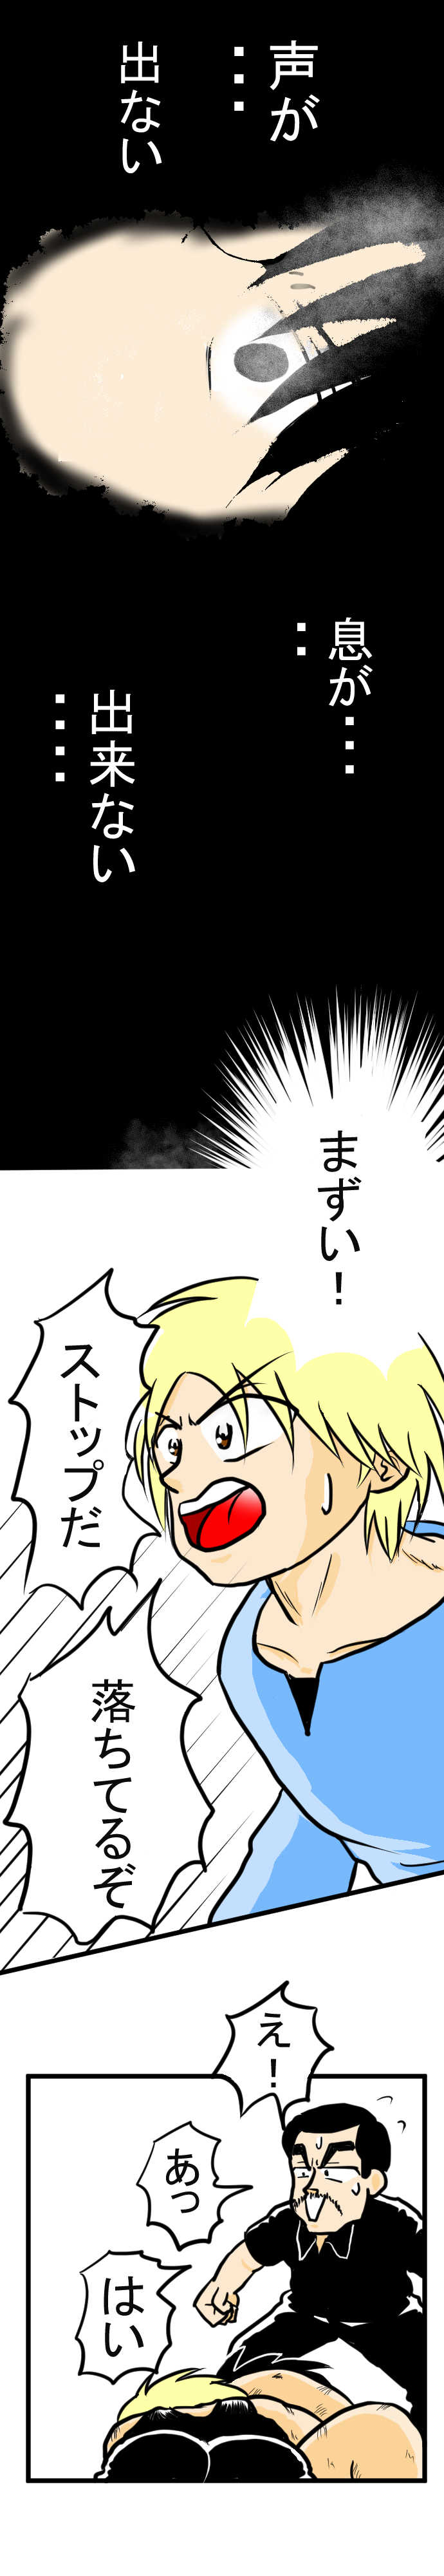 決着!!フィジカルVSマジカル